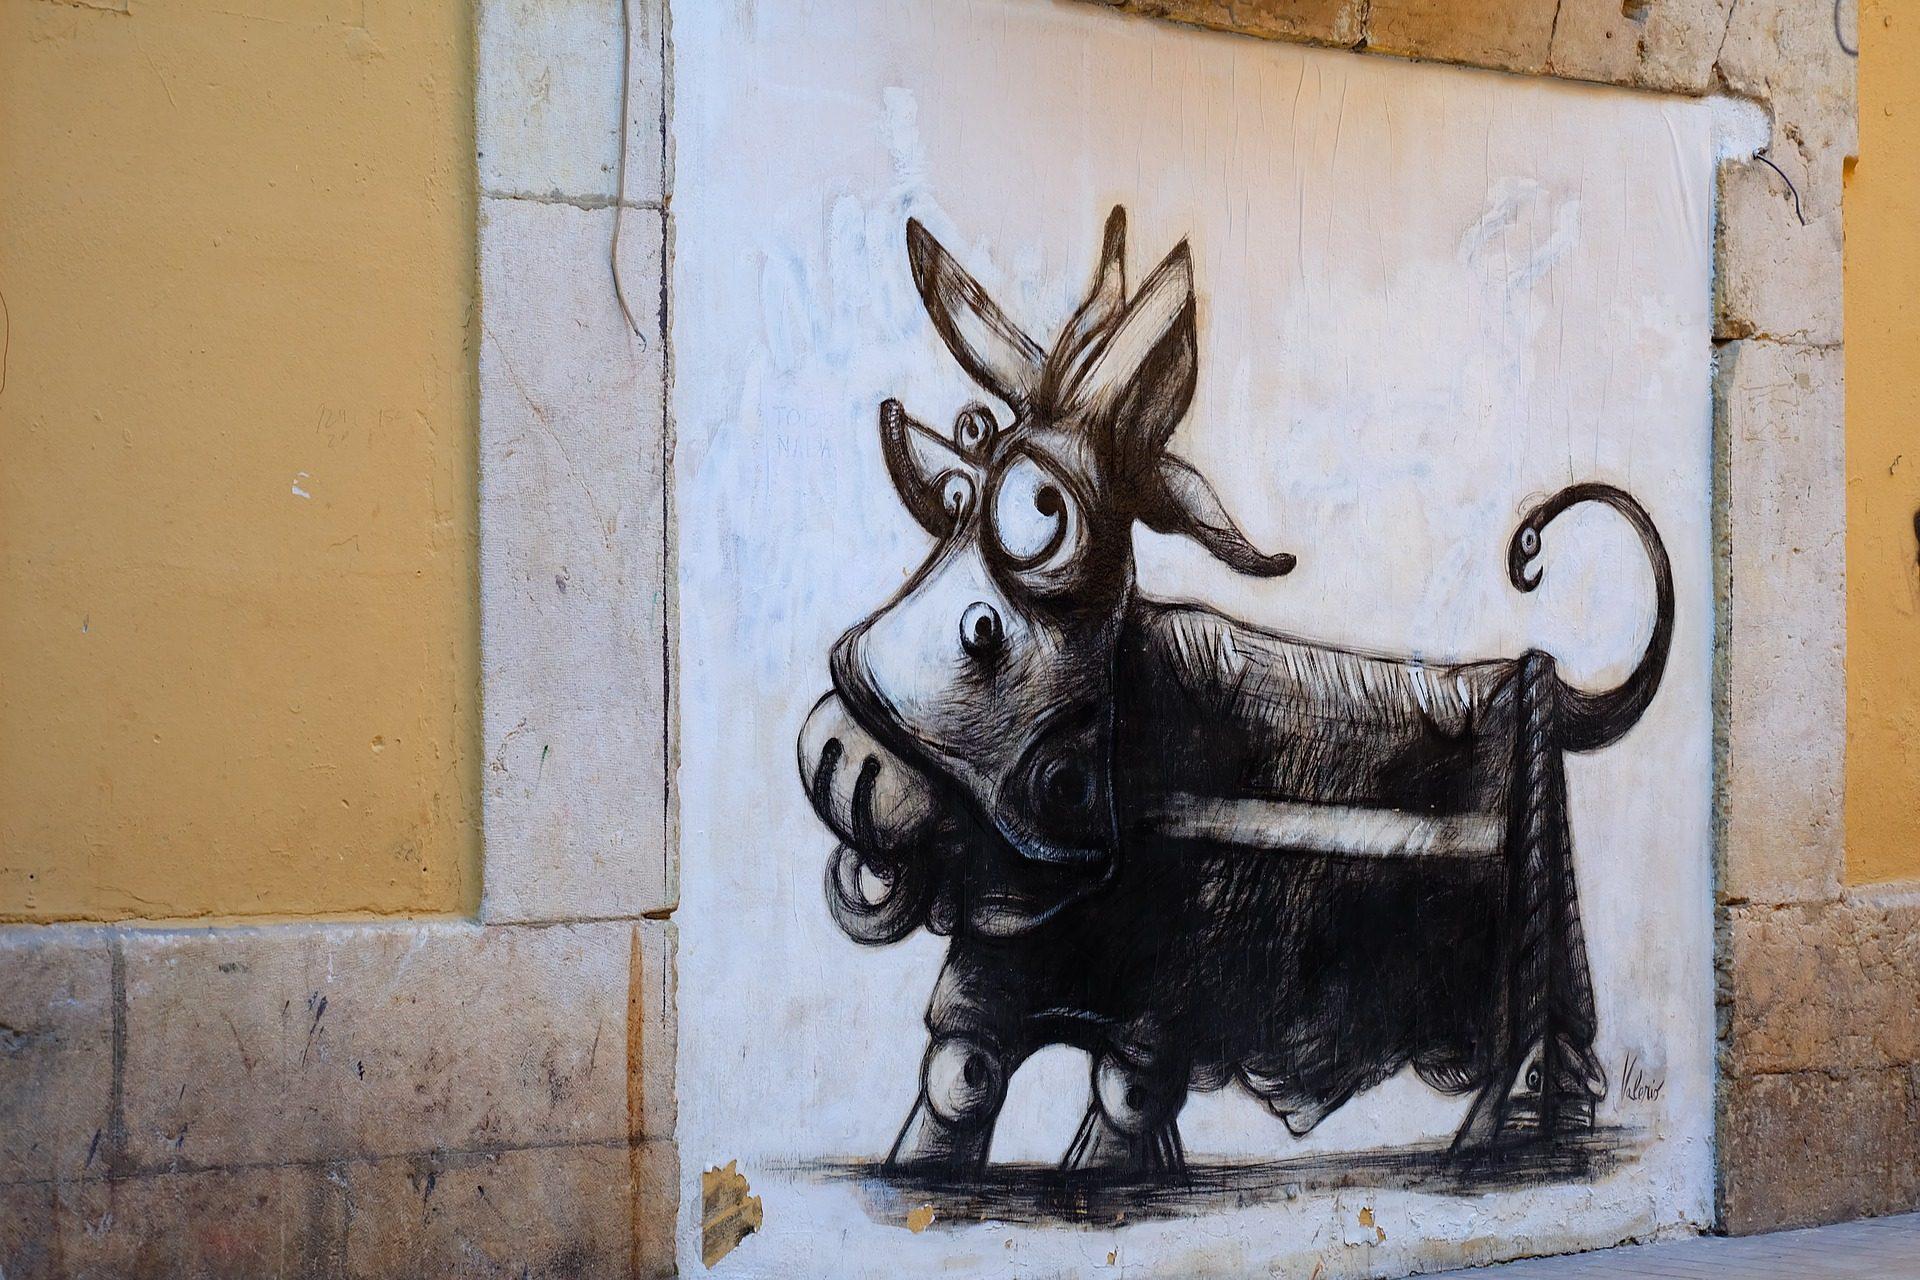 चित्रकारी, कला, शहरी, दीवार, पशु - HD वॉलपेपर - प्रोफेसर-falken.com